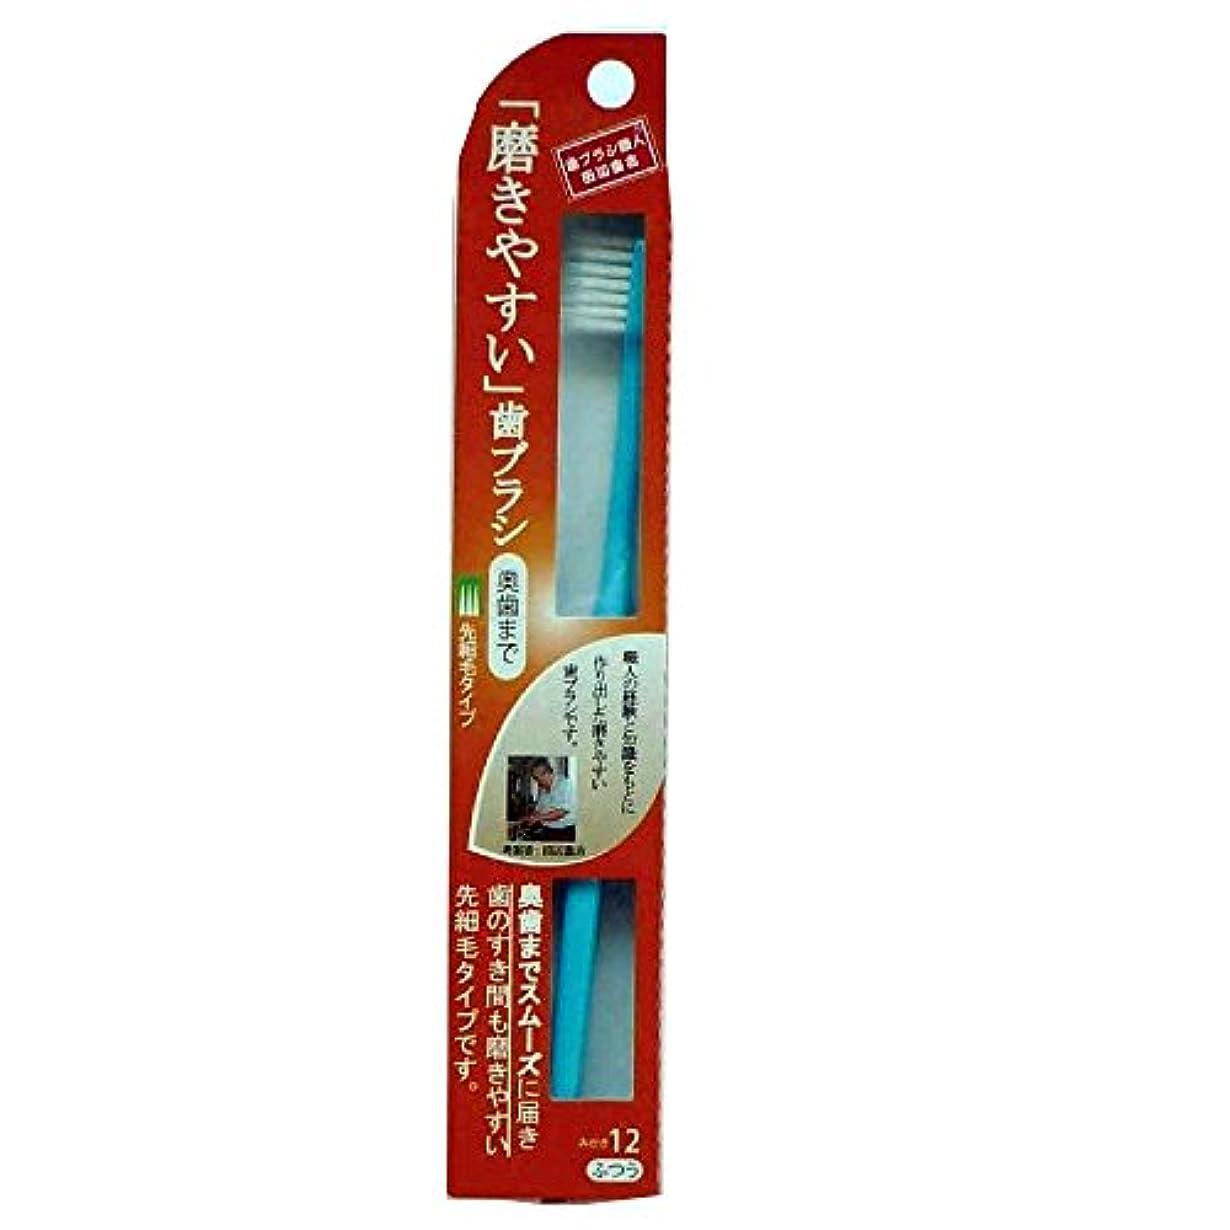 誘導献身ダーベビルのテス磨きやすい歯ブラシ(奥歯まで)先細 LT-12